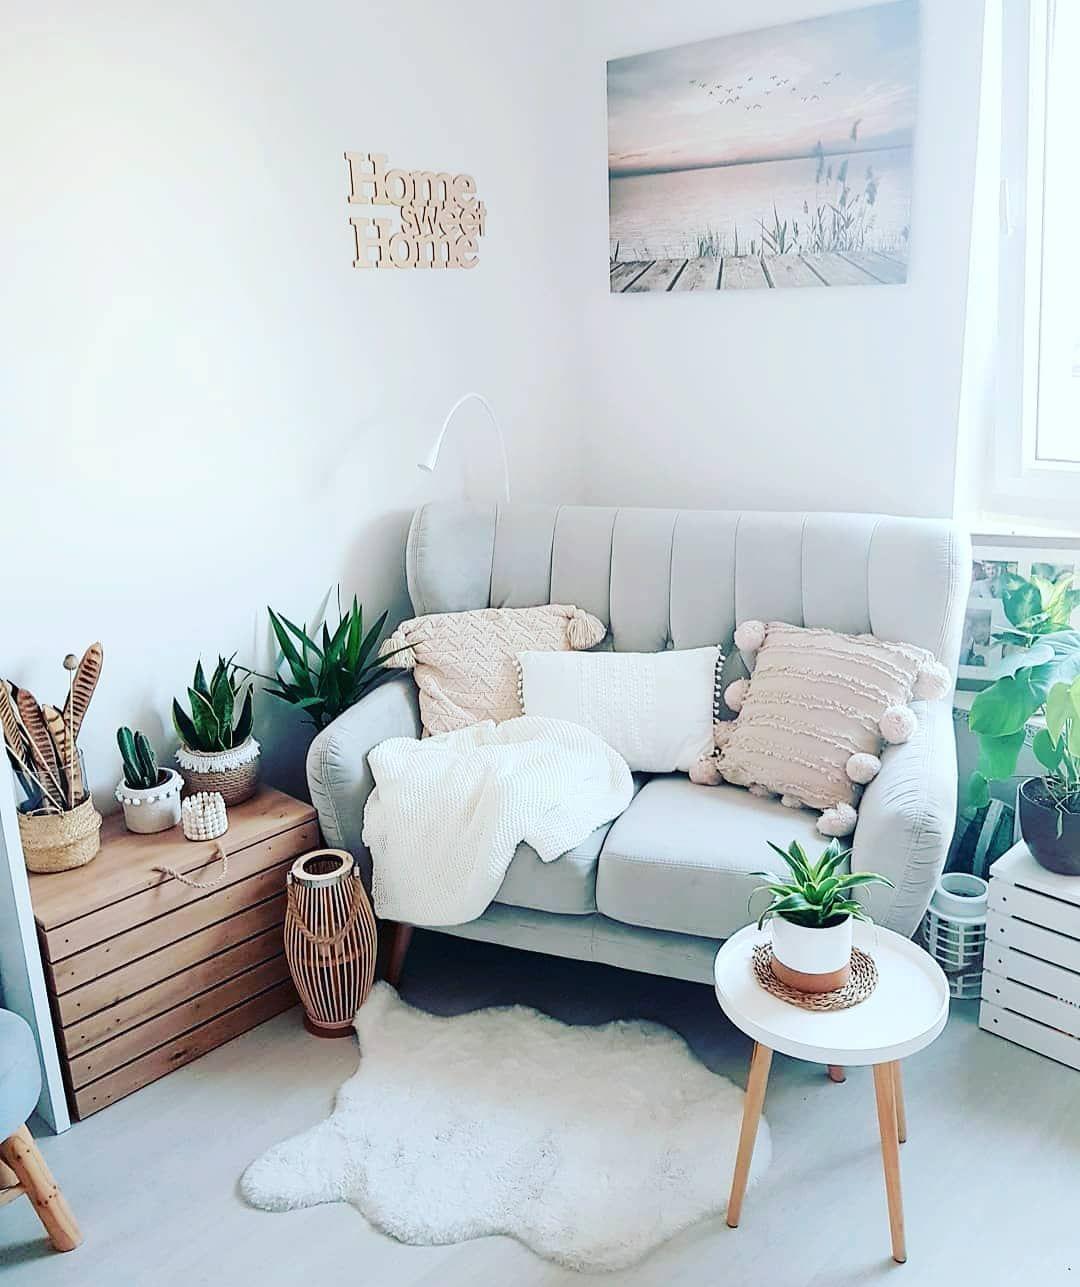 استغلال الزاوية الميتة من الغرفة ببعض الأفكار البسيطة يمكن أن يشكل فرق كبير في ديكور منزلك الداخلي غرفة جلوس ديكورات حديثة Home Decor Decor Home